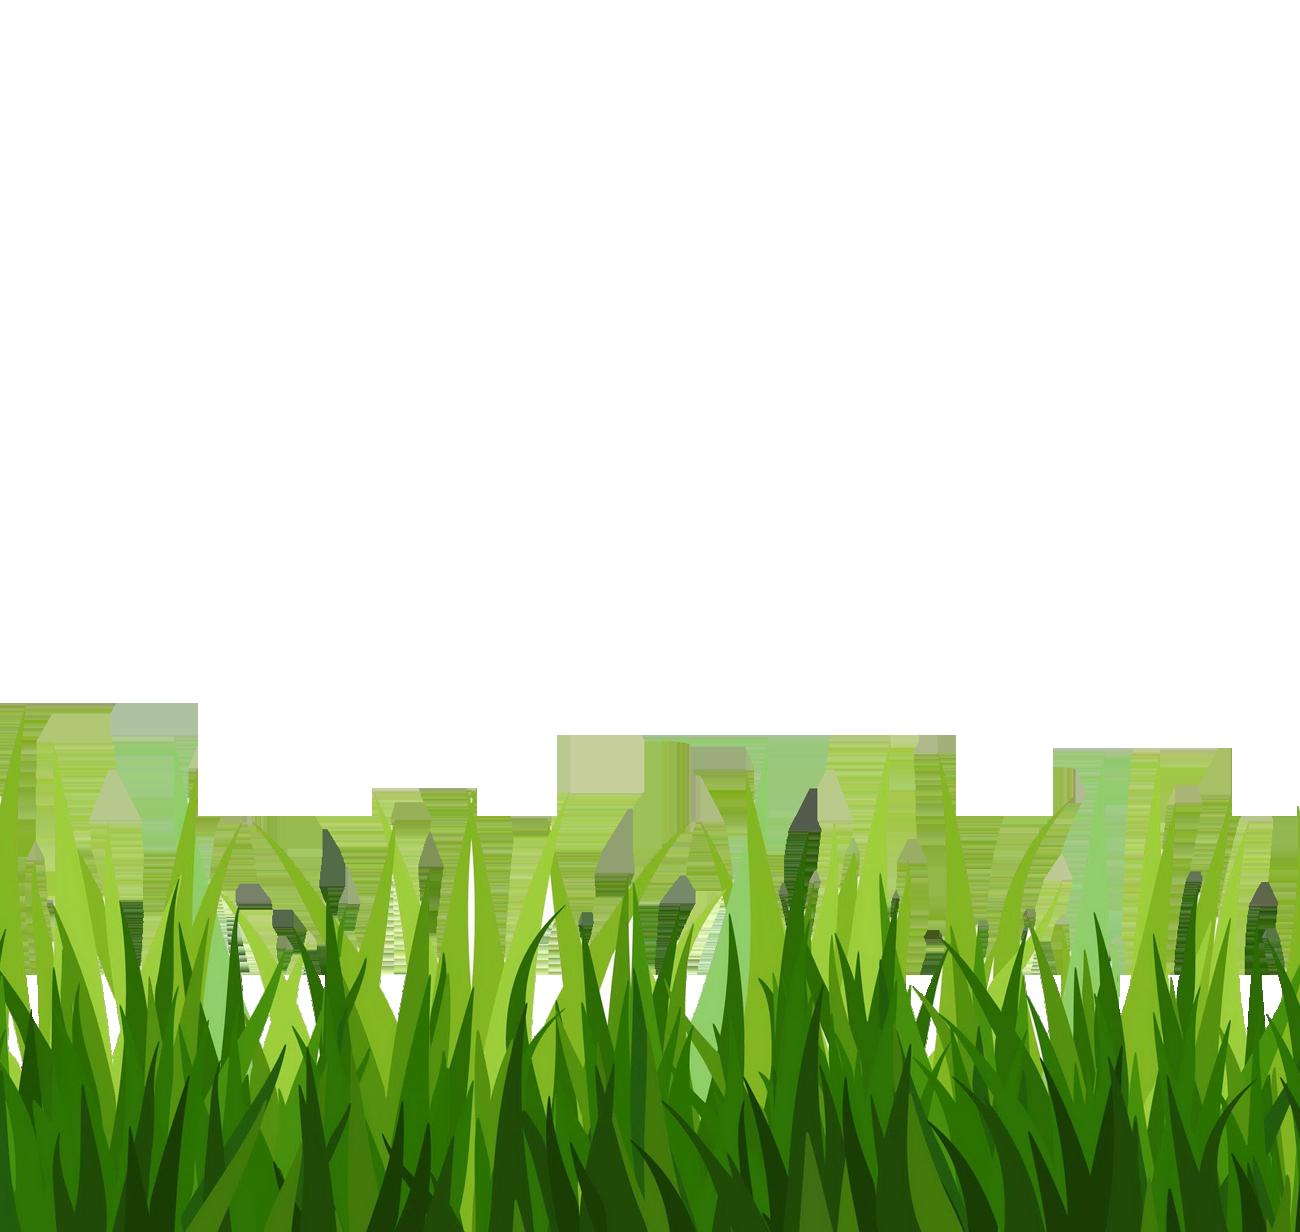 Grass clipart 3